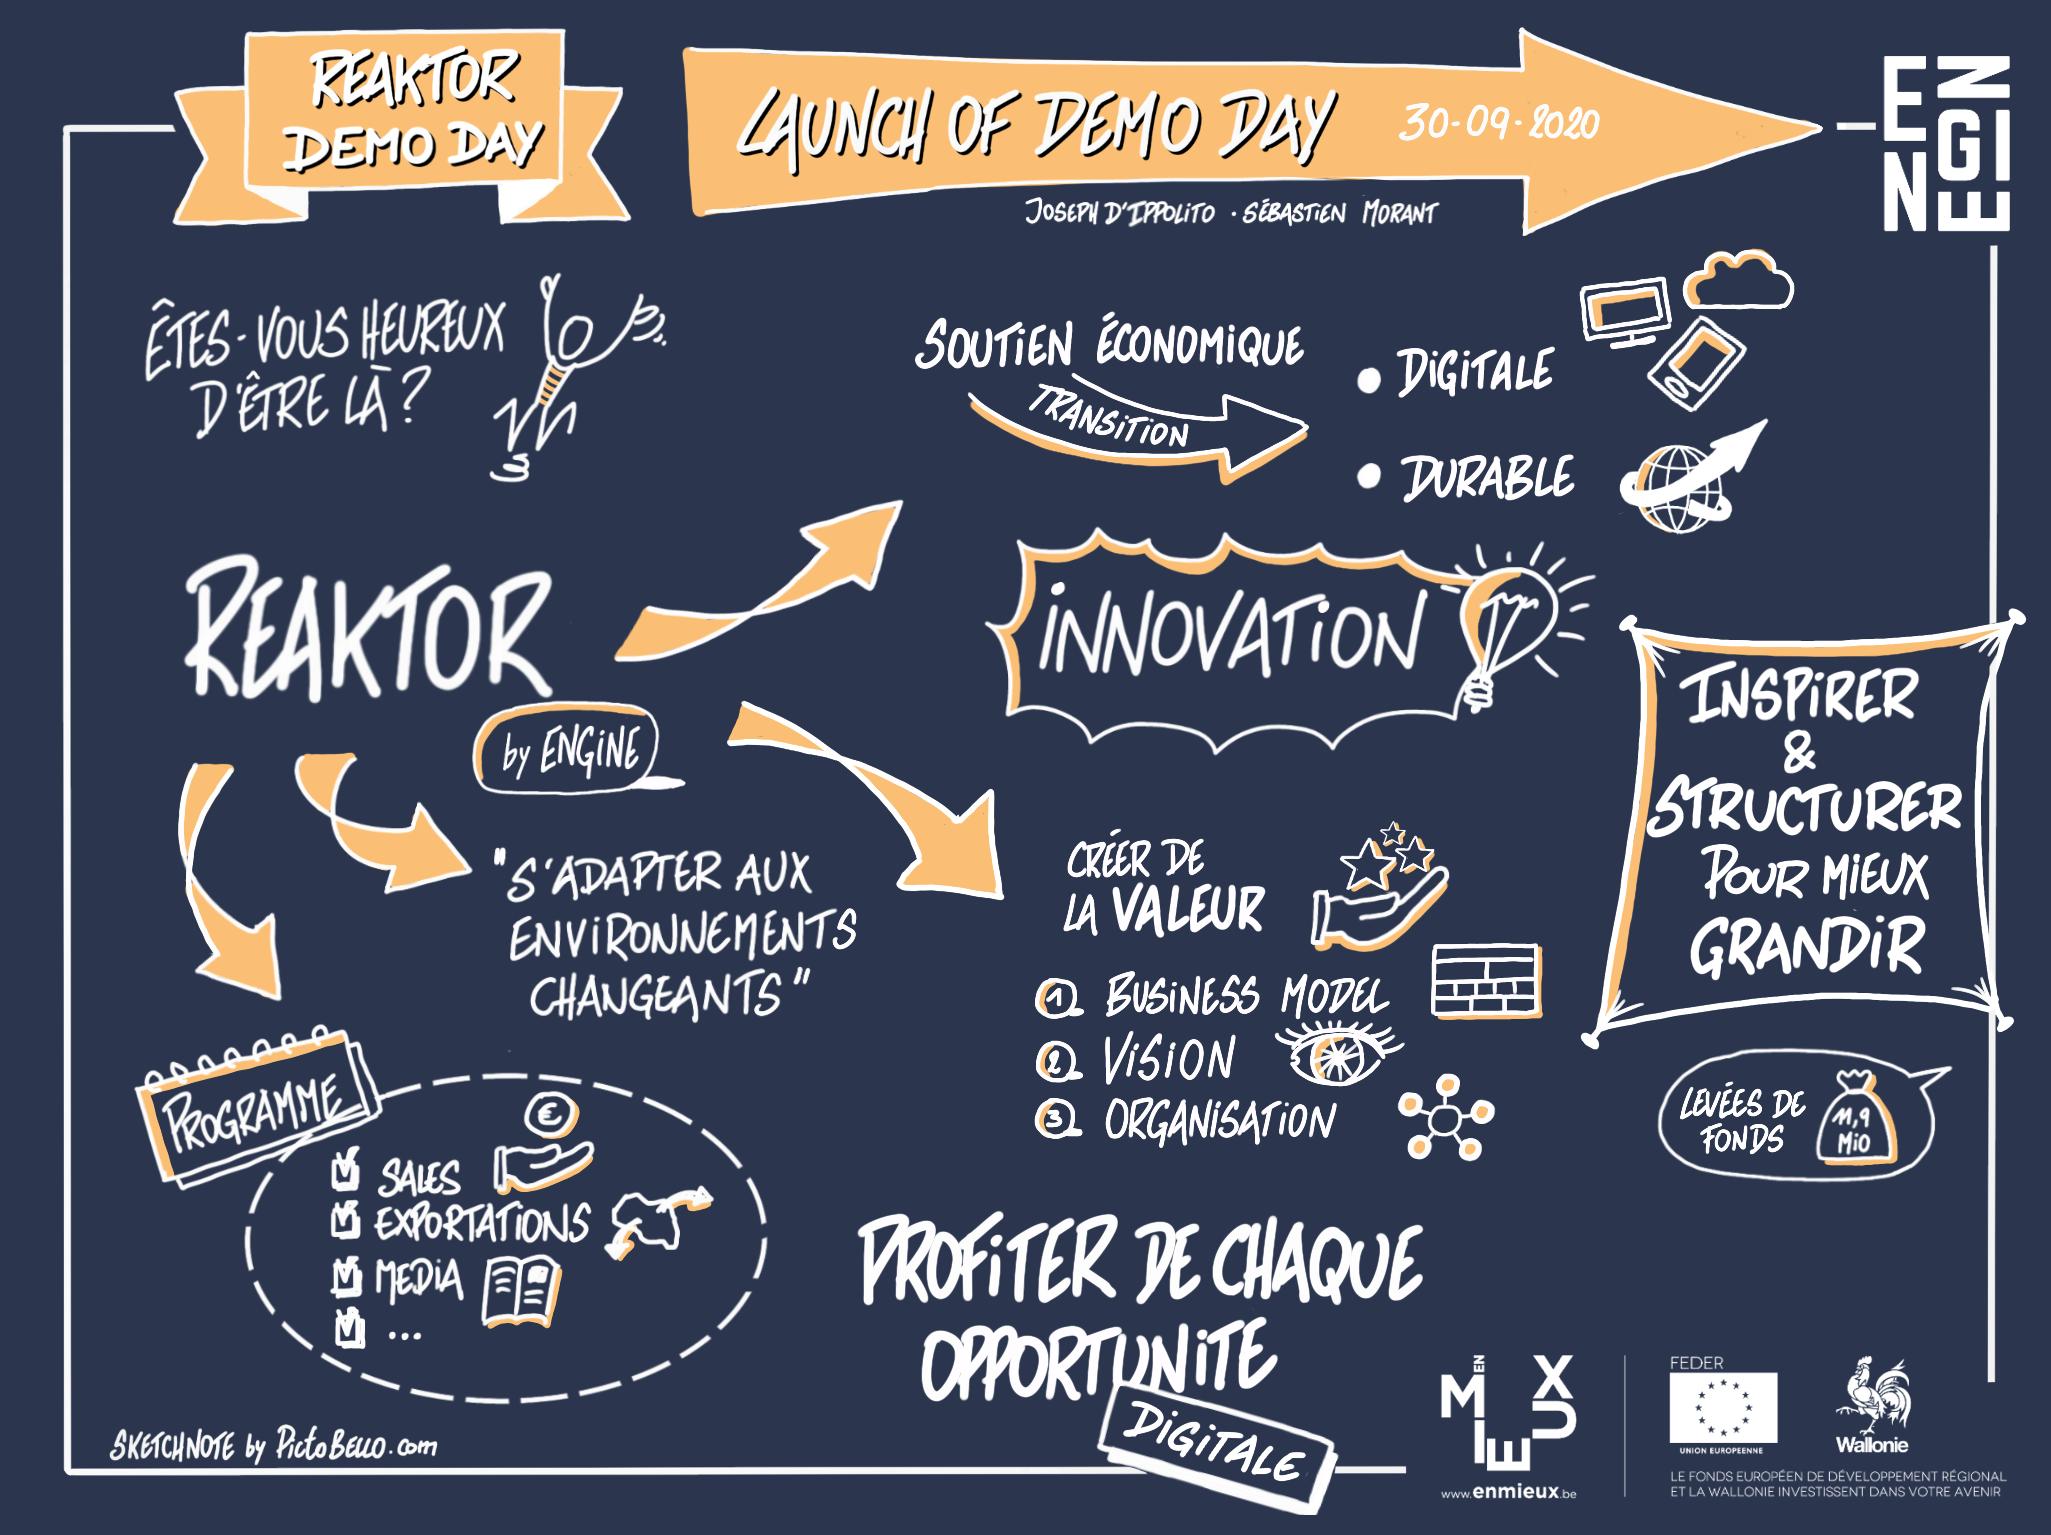 Reaktor Demo Day 2020, par Engine - Innovation Methods Provider